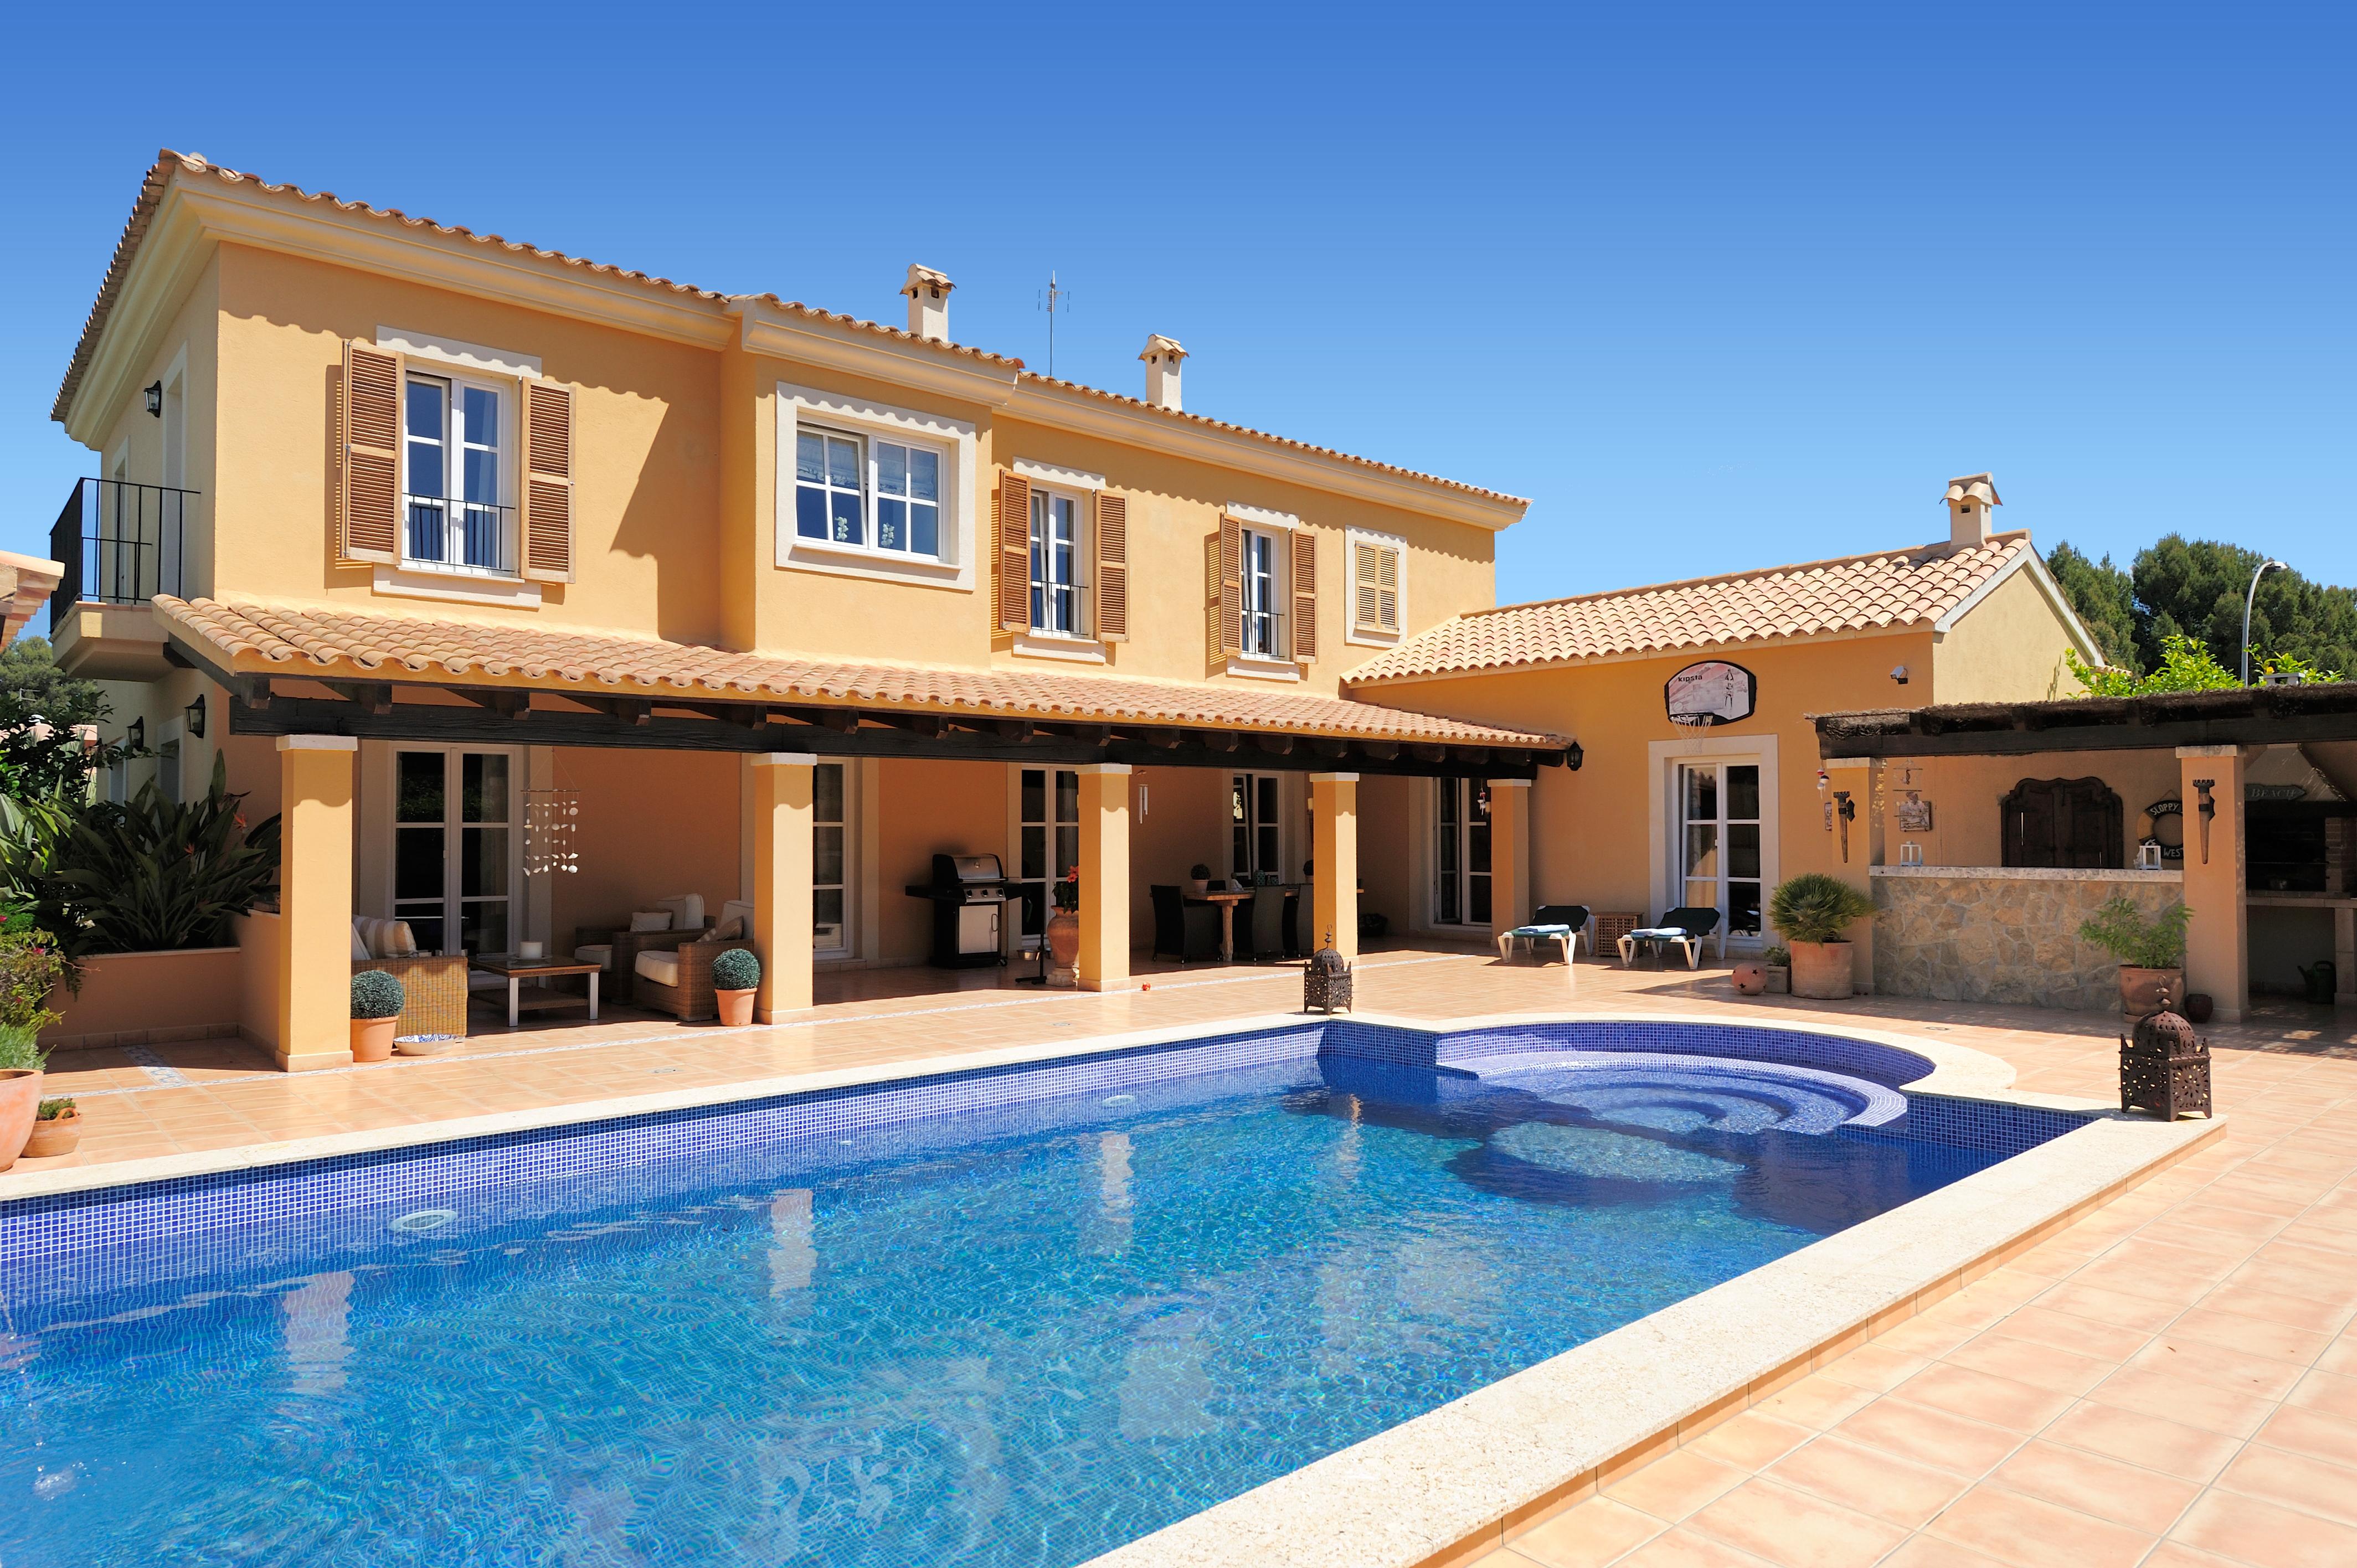 2014 verzeichnete der spanische Ferienimmobilien erstmals wieder ein leichtes Plus. Zu verdanken ist der leichte Aufschwung vor allem den boomenden Ferienimmobilienmärkten.